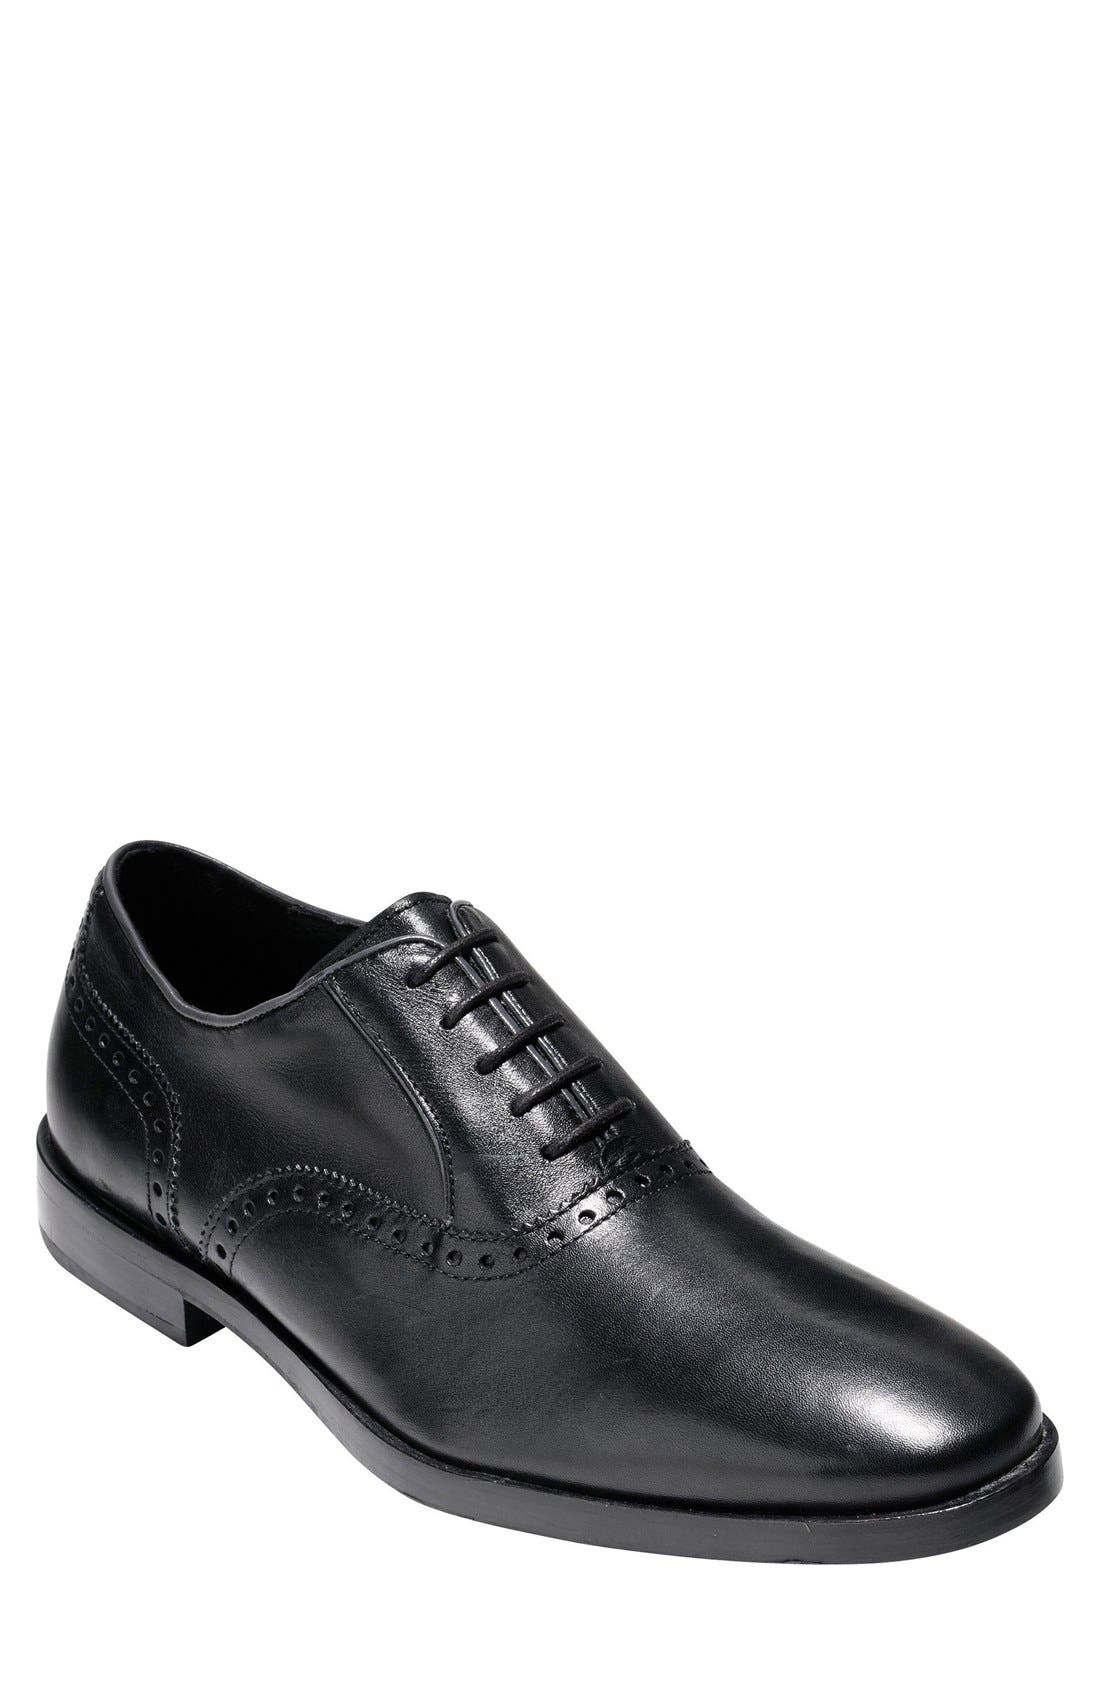 Hamilton Grand Plain-Toe Oxford, Black in Black Leather